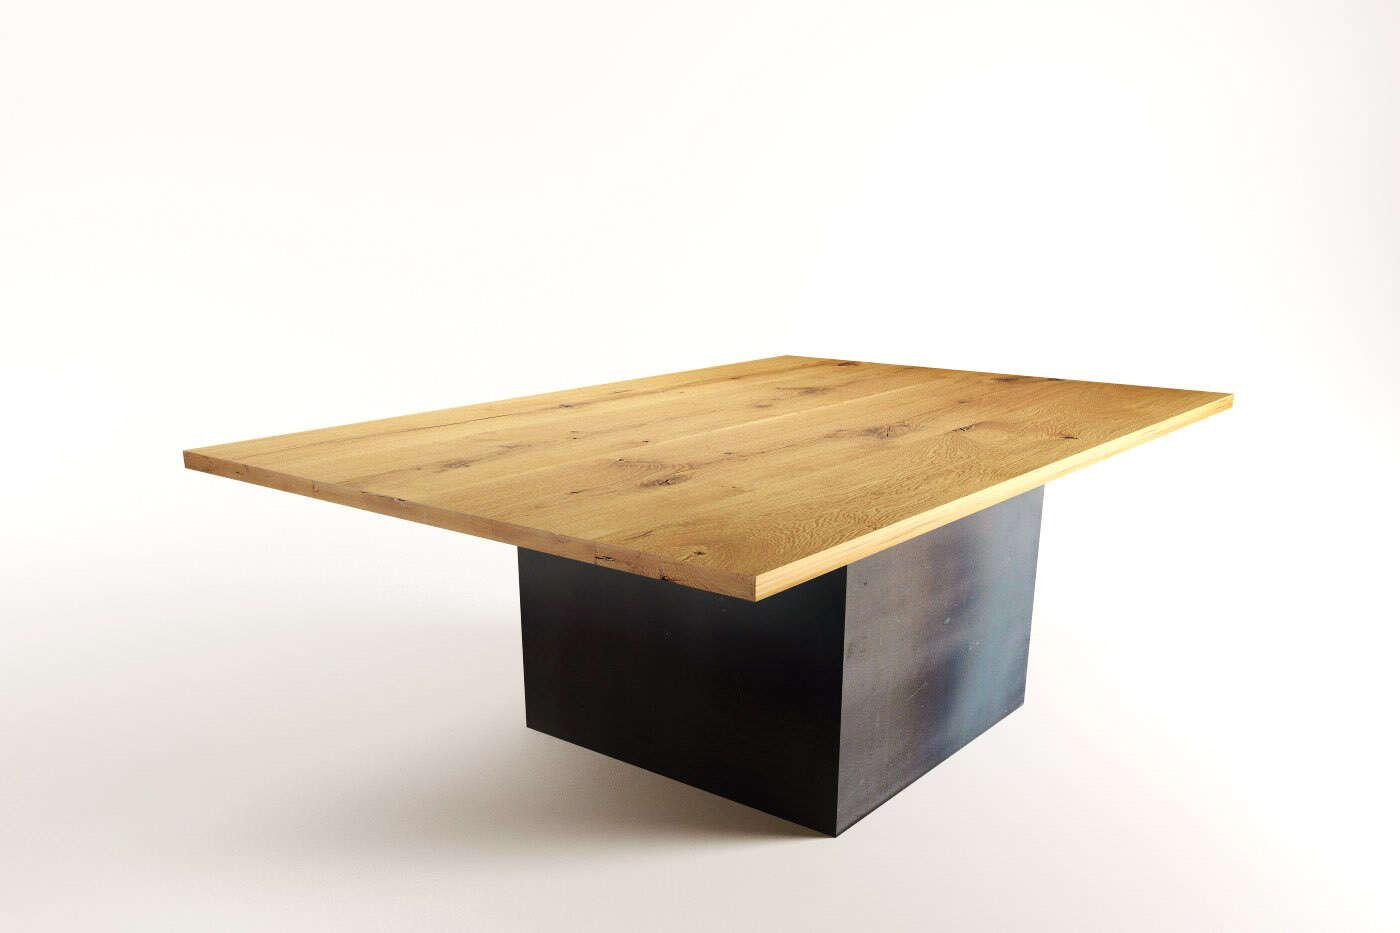 gestell f r couchtisch couchtisch freebird gestell wei glasplatte rauchig grau. Black Bedroom Furniture Sets. Home Design Ideas